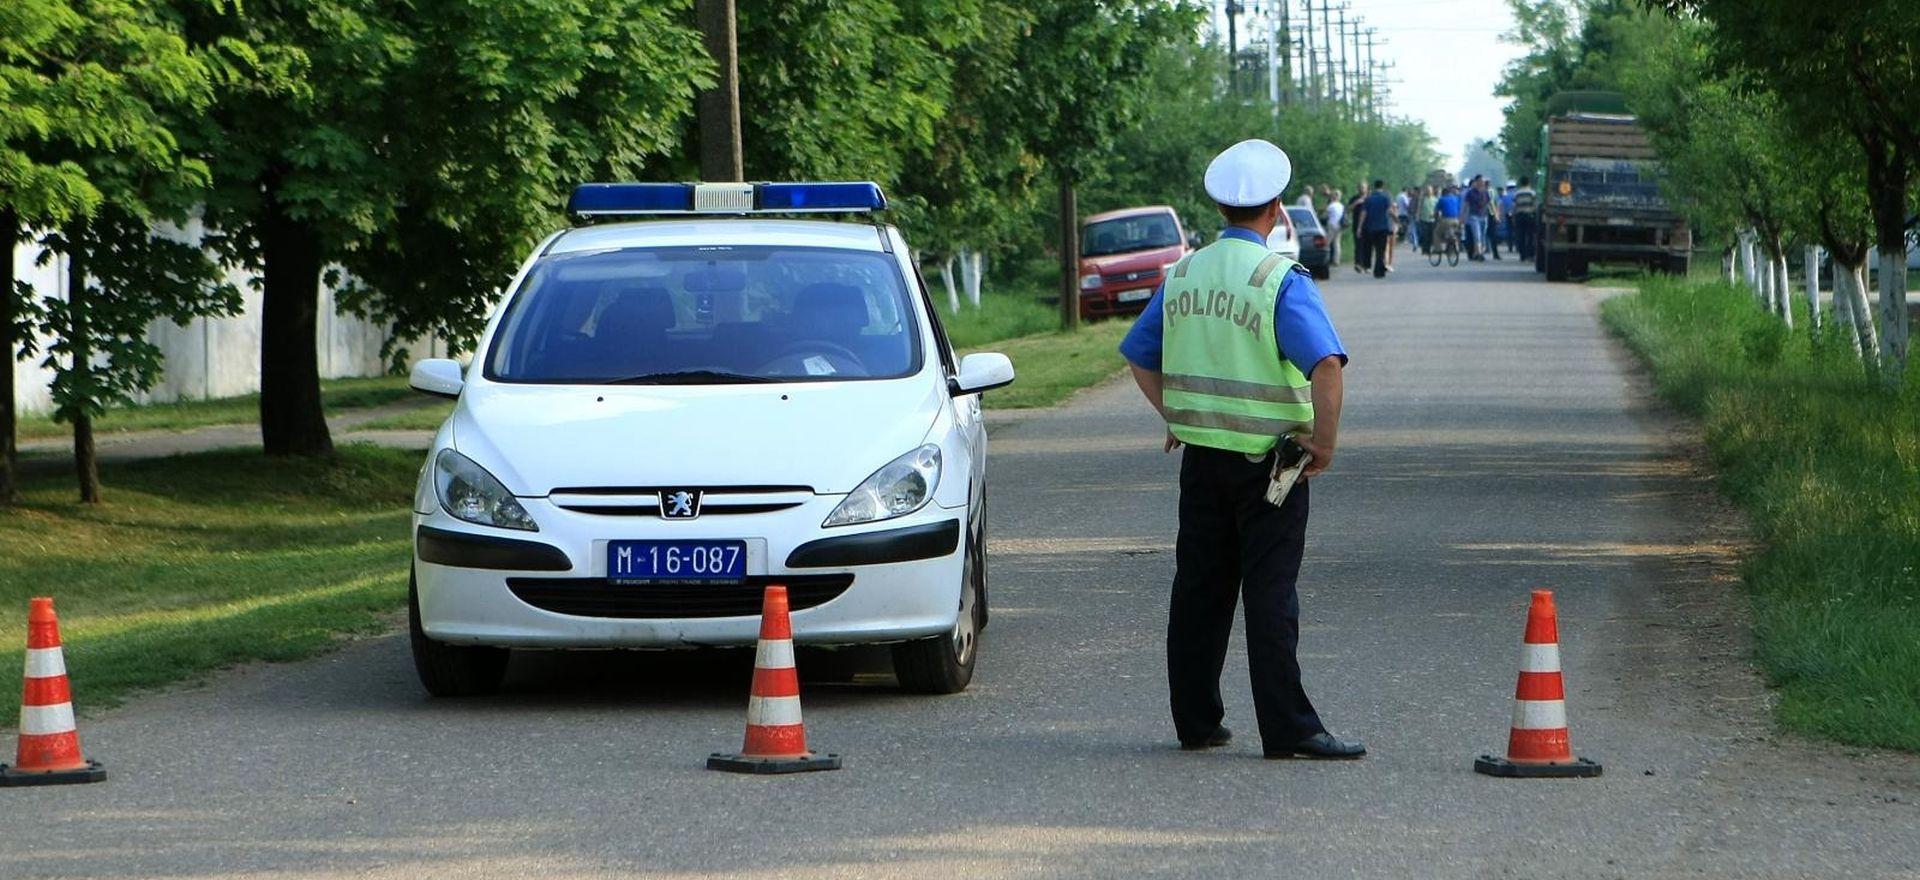 TEŠKA PROMETNA U SRBIJI Poginulo šest osoba, 27 ozlijeđenih